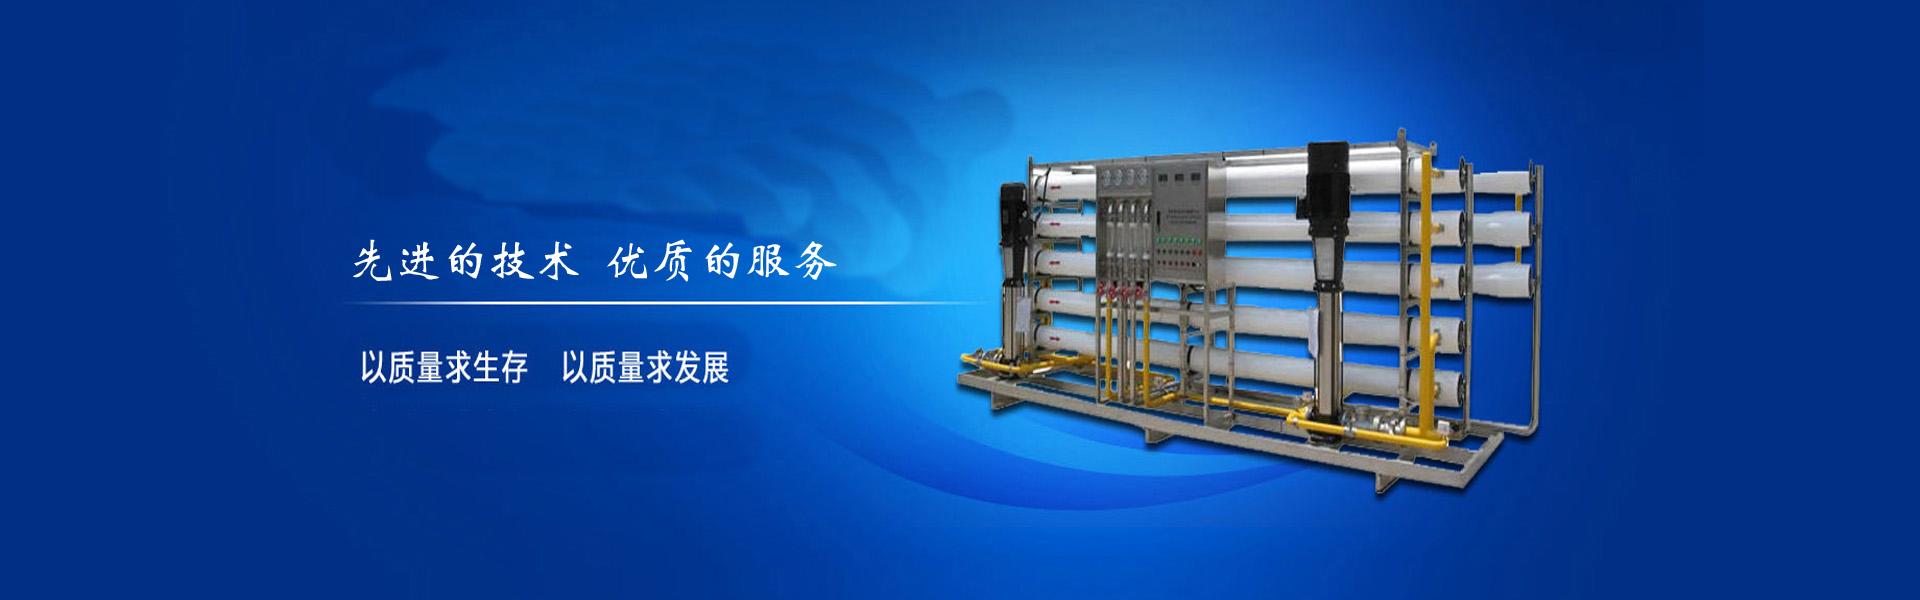 瑞泉水处理专注于反渗透设备的研发和生产